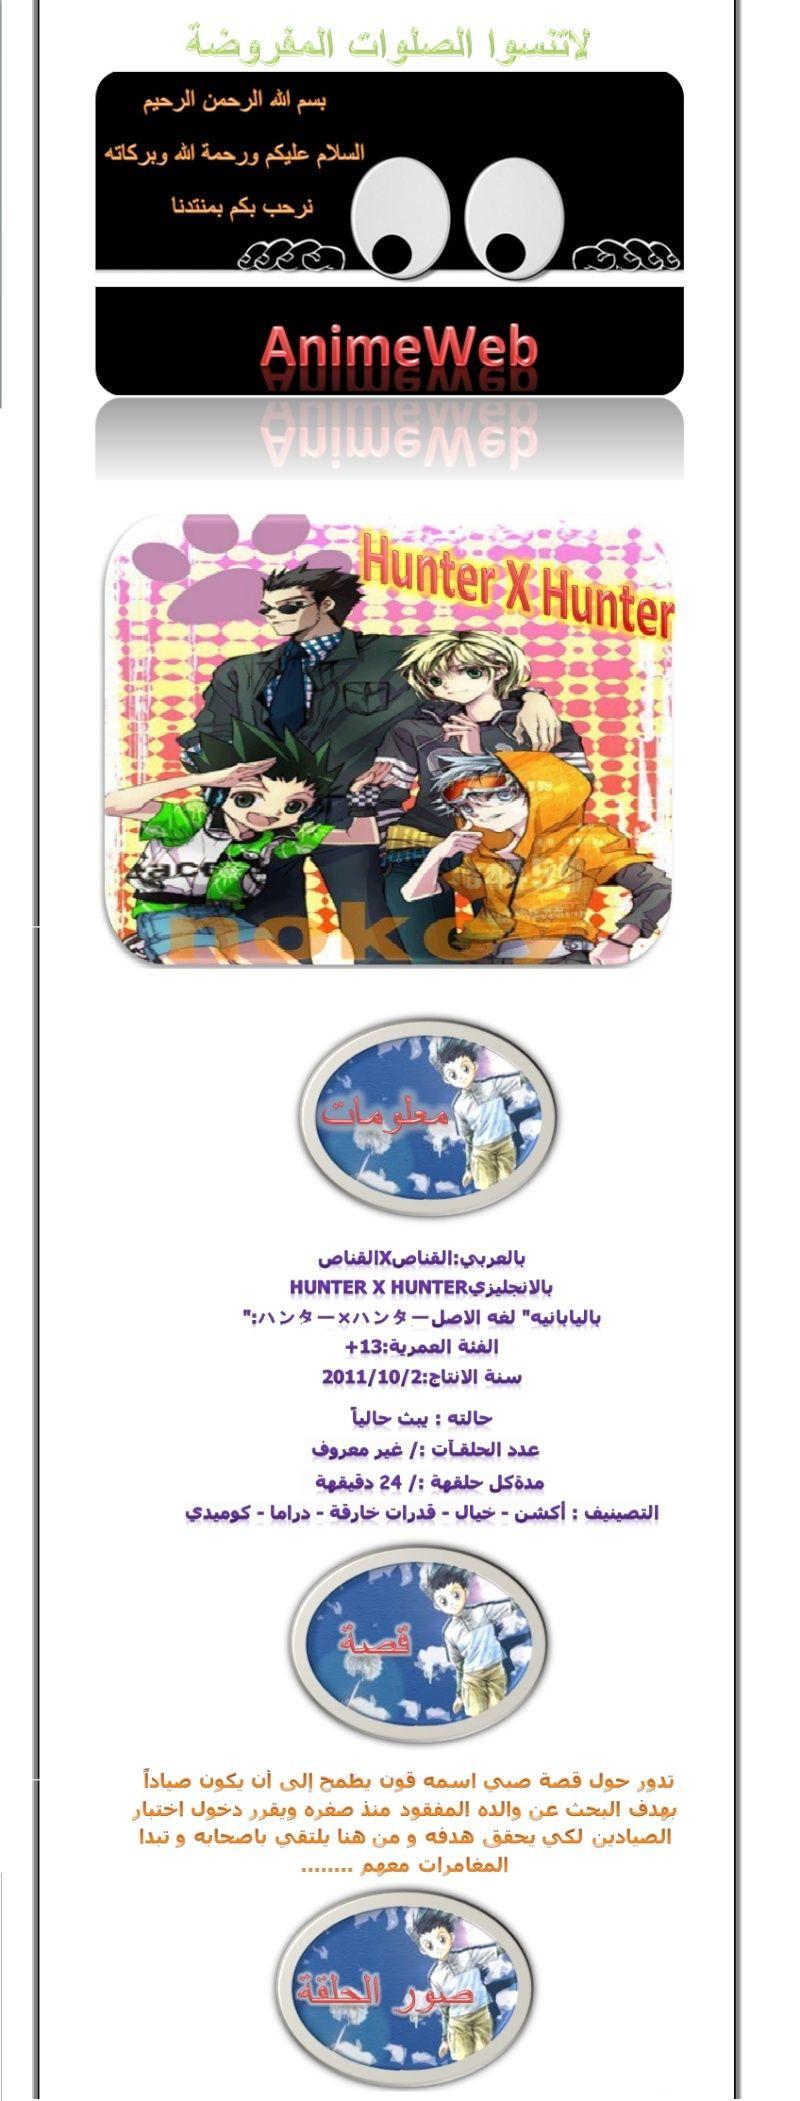 """الحلقة 119 من hunter x hunter القناص مترجمة بعنوان """"قوّة أو ضعف"""" Net_hu11"""